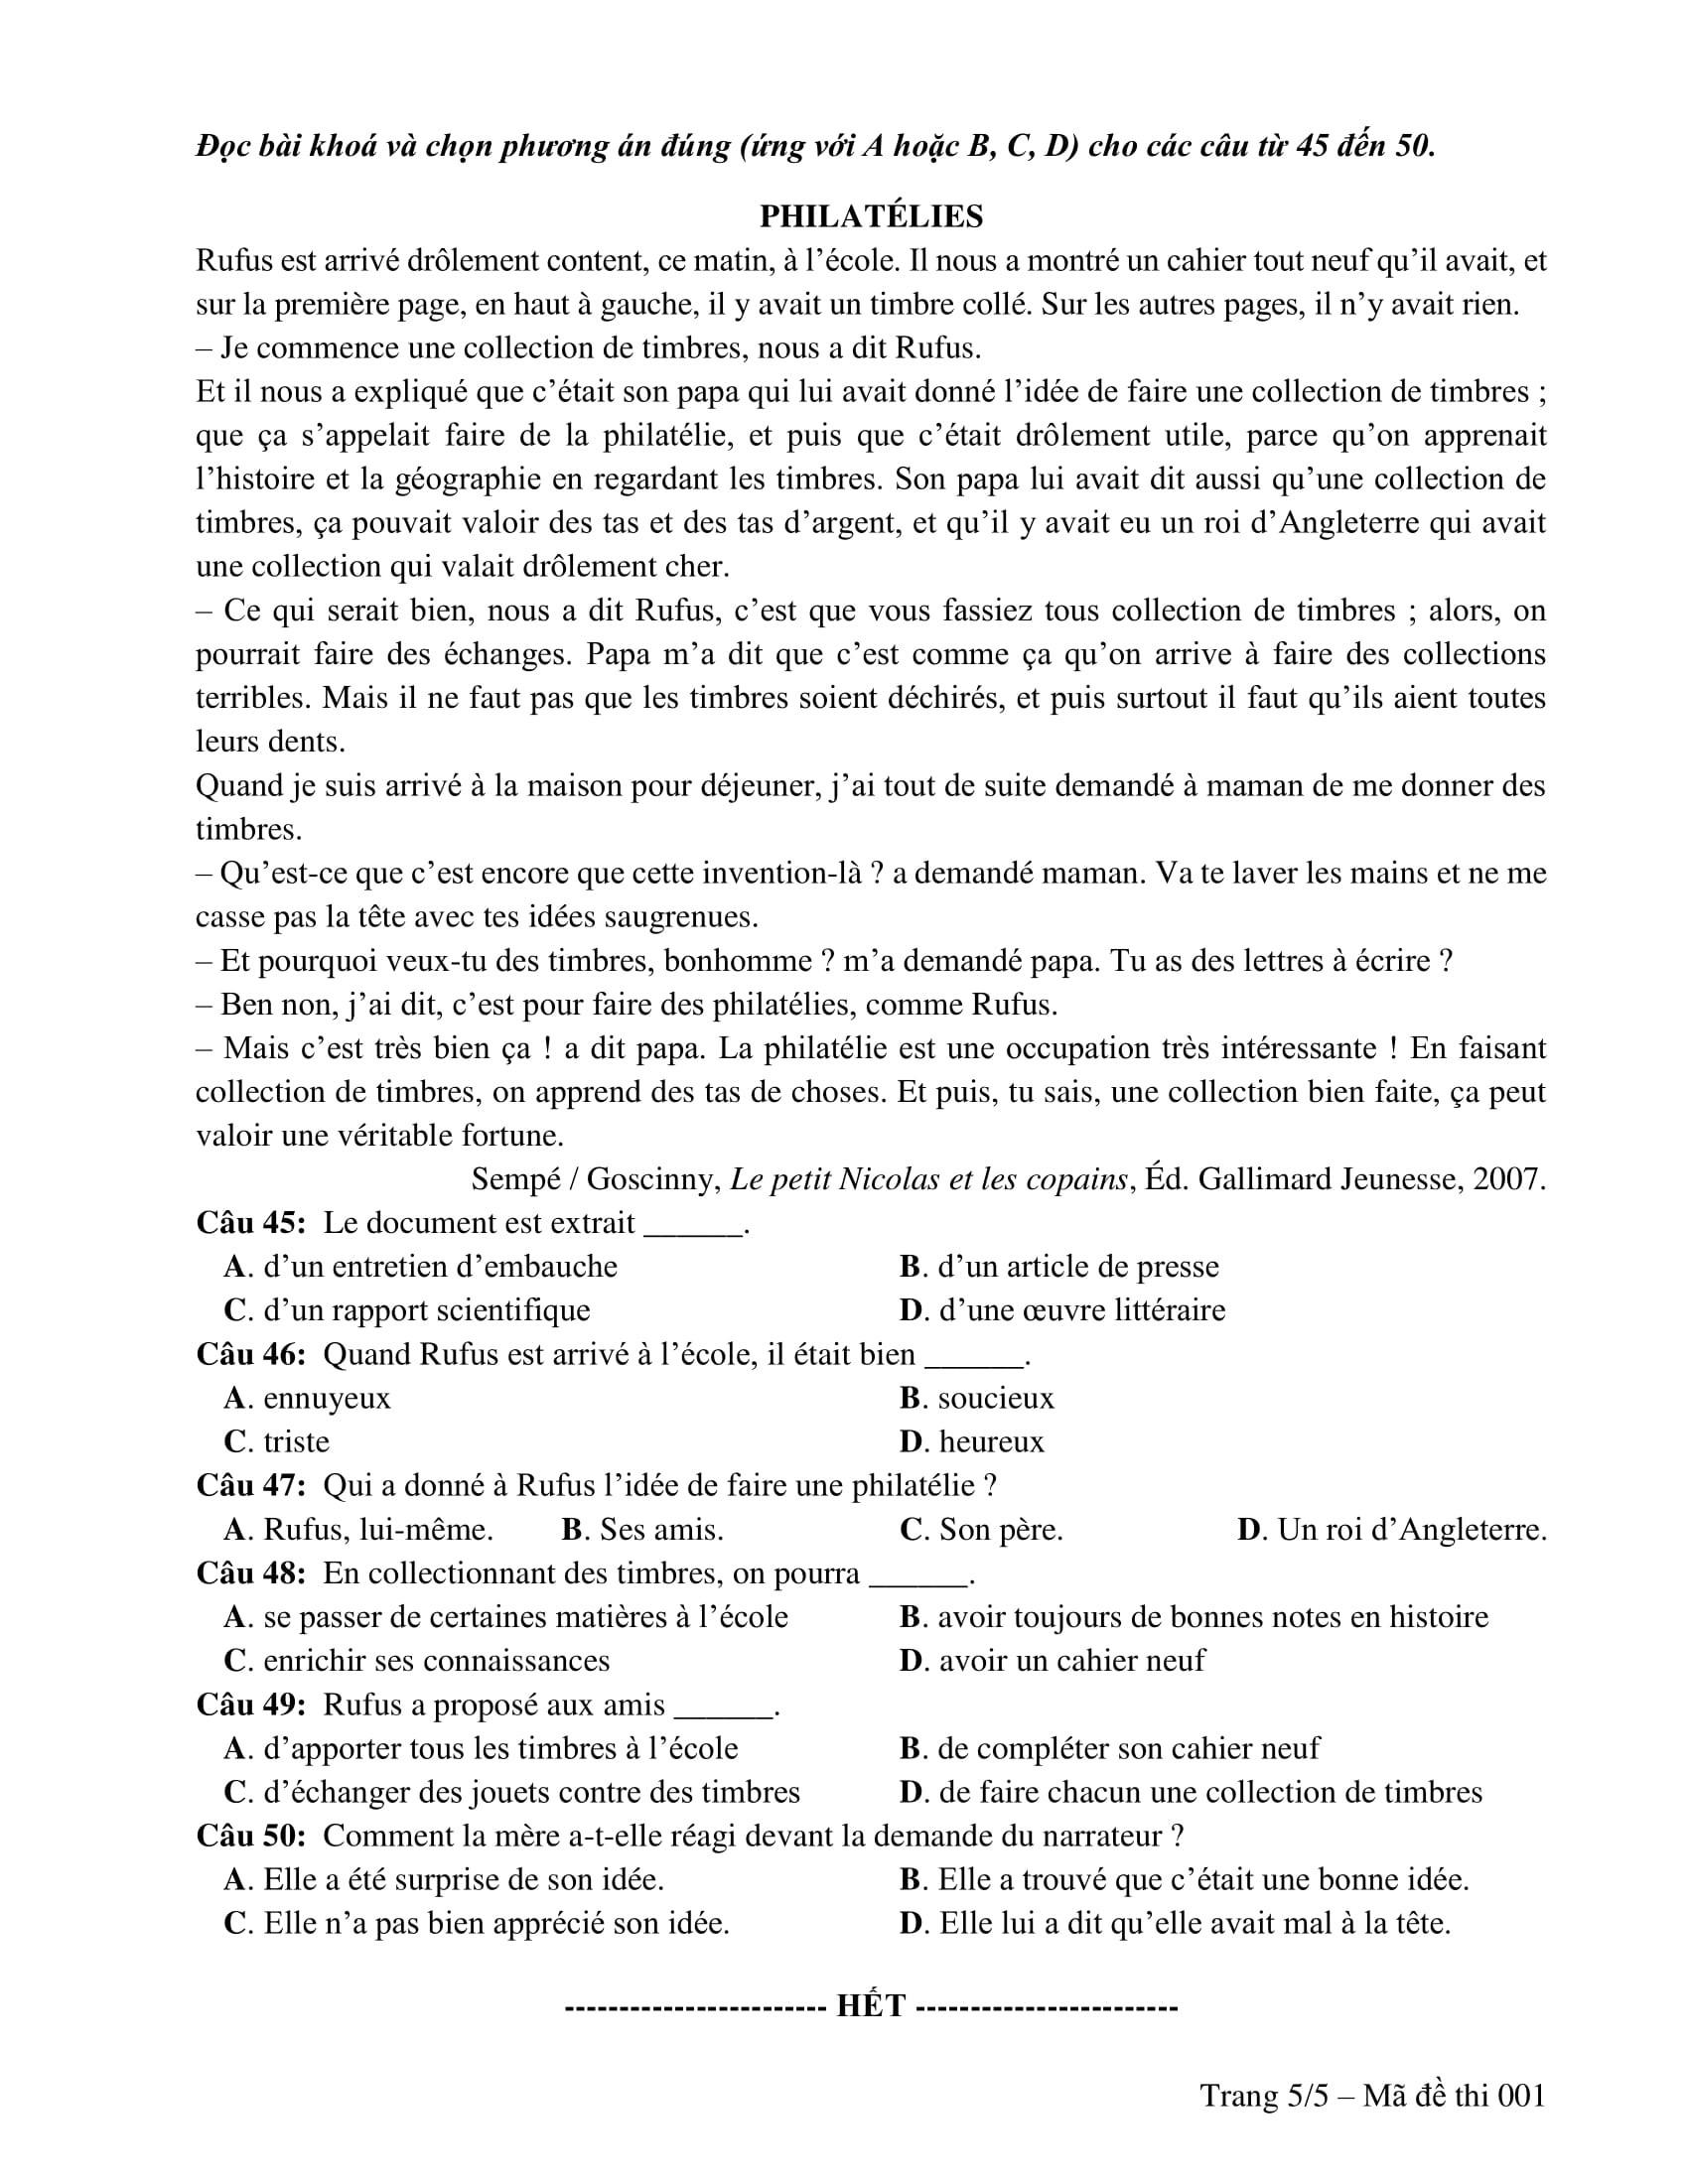 Đề thi minh hoạ THPT Quốc gia năm 2019: Tiếng Pháp - Ảnh 5.